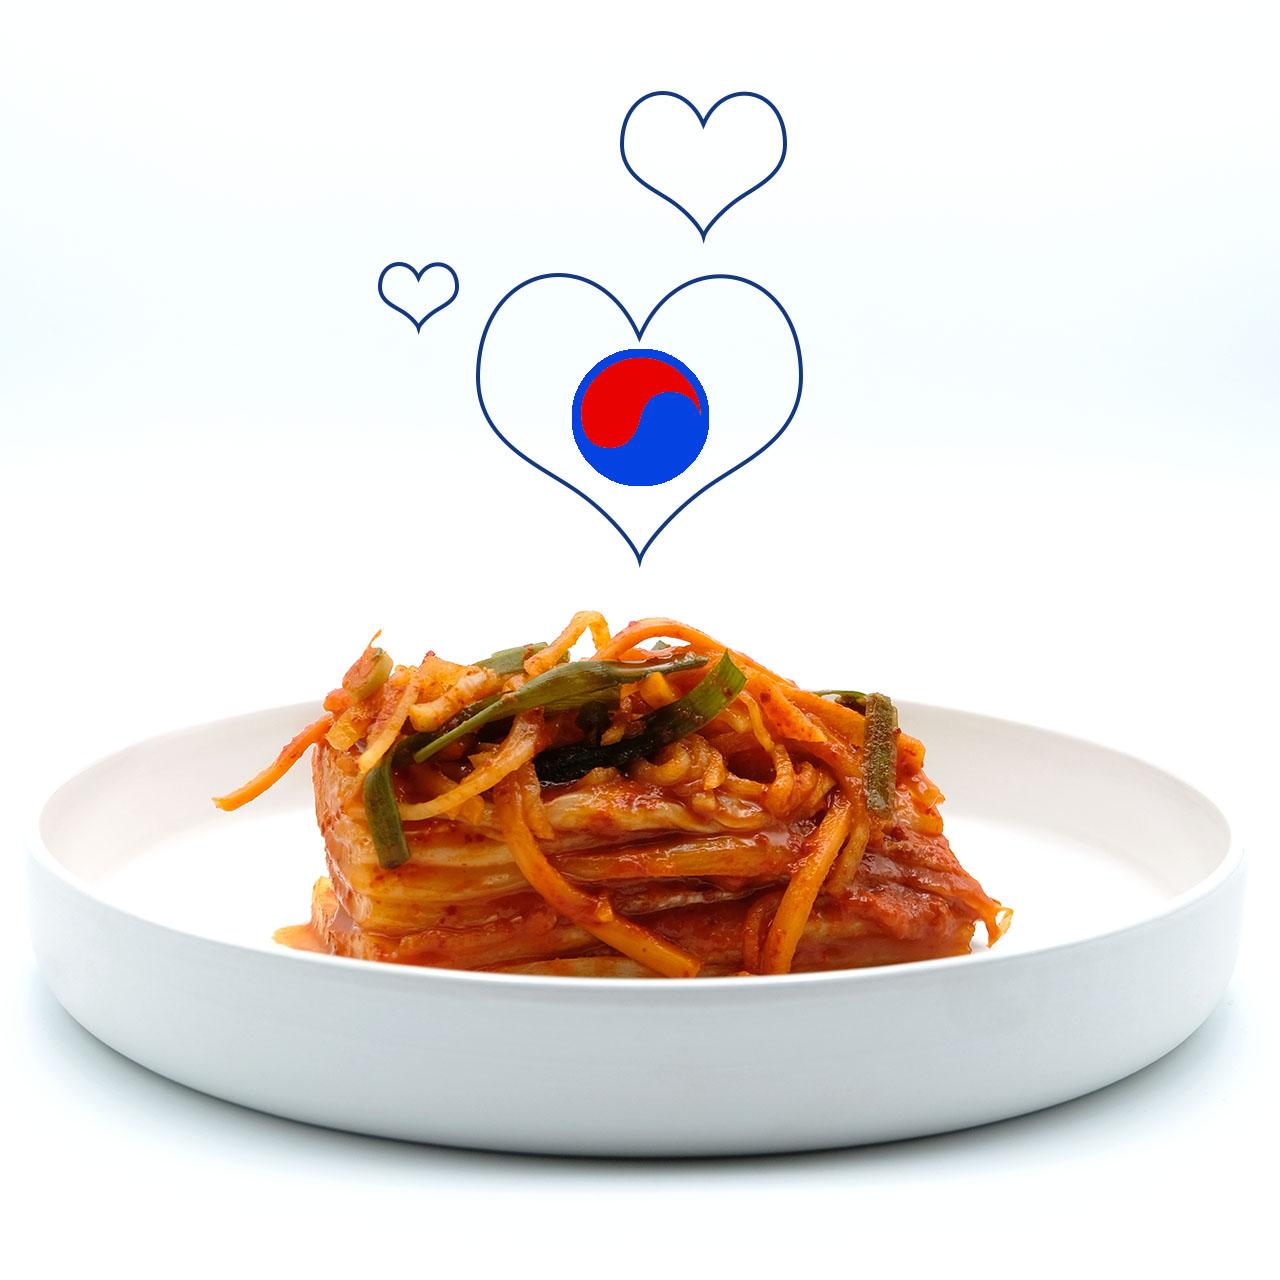 Beitragsbild zum Rezept Kimchi aus Chinakohl - Baechu Kimchi Popdish Foodblog, Gerichte, die knallen,